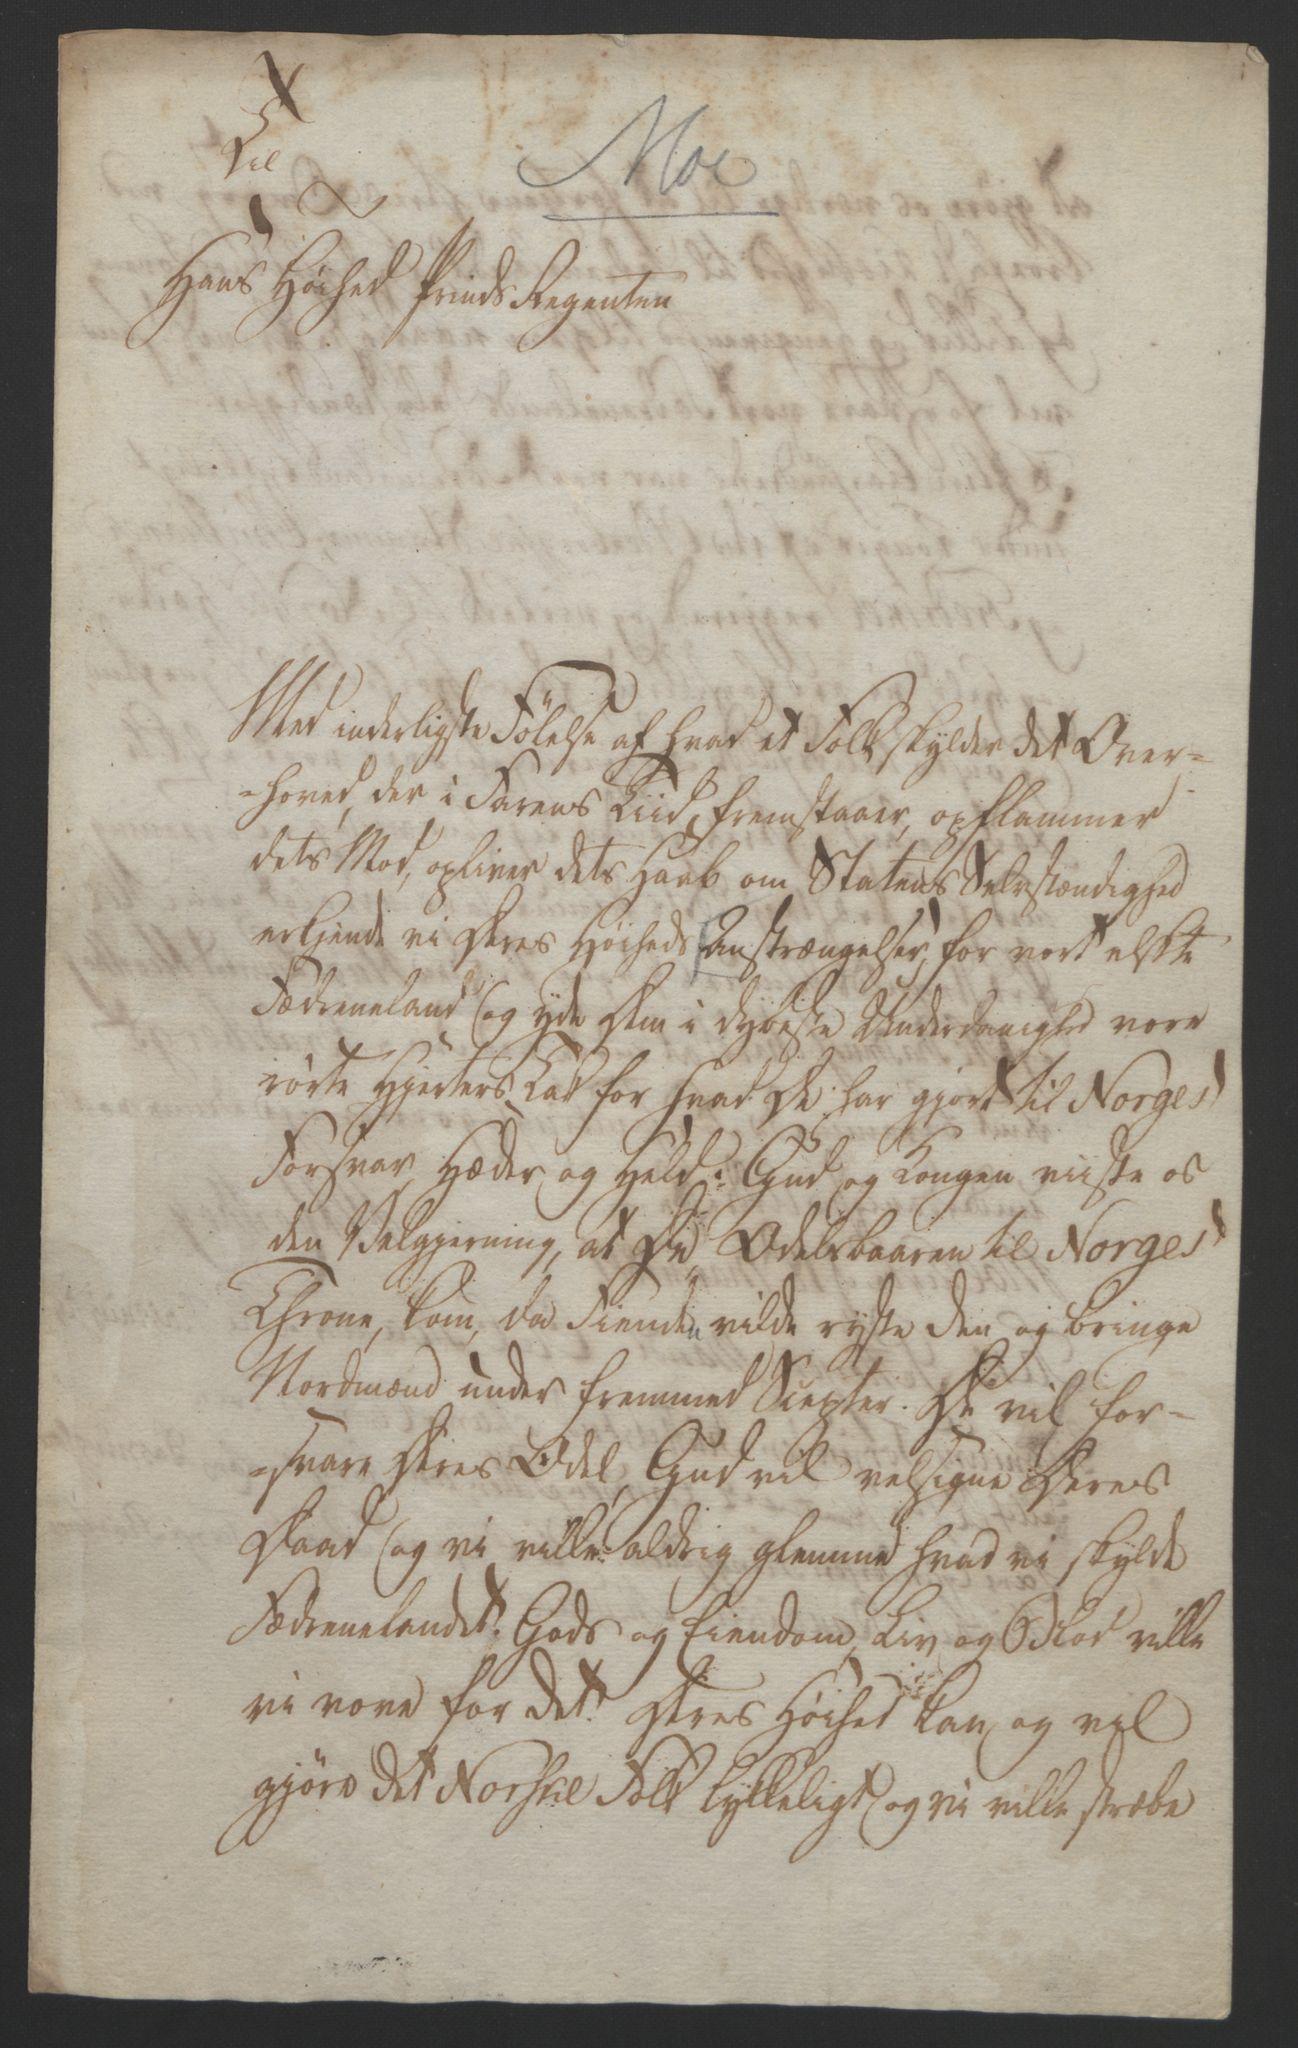 RA, Statsrådssekretariatet, D/Db/L0008: Fullmakter for Eidsvollsrepresentantene i 1814. , 1814, s. 59